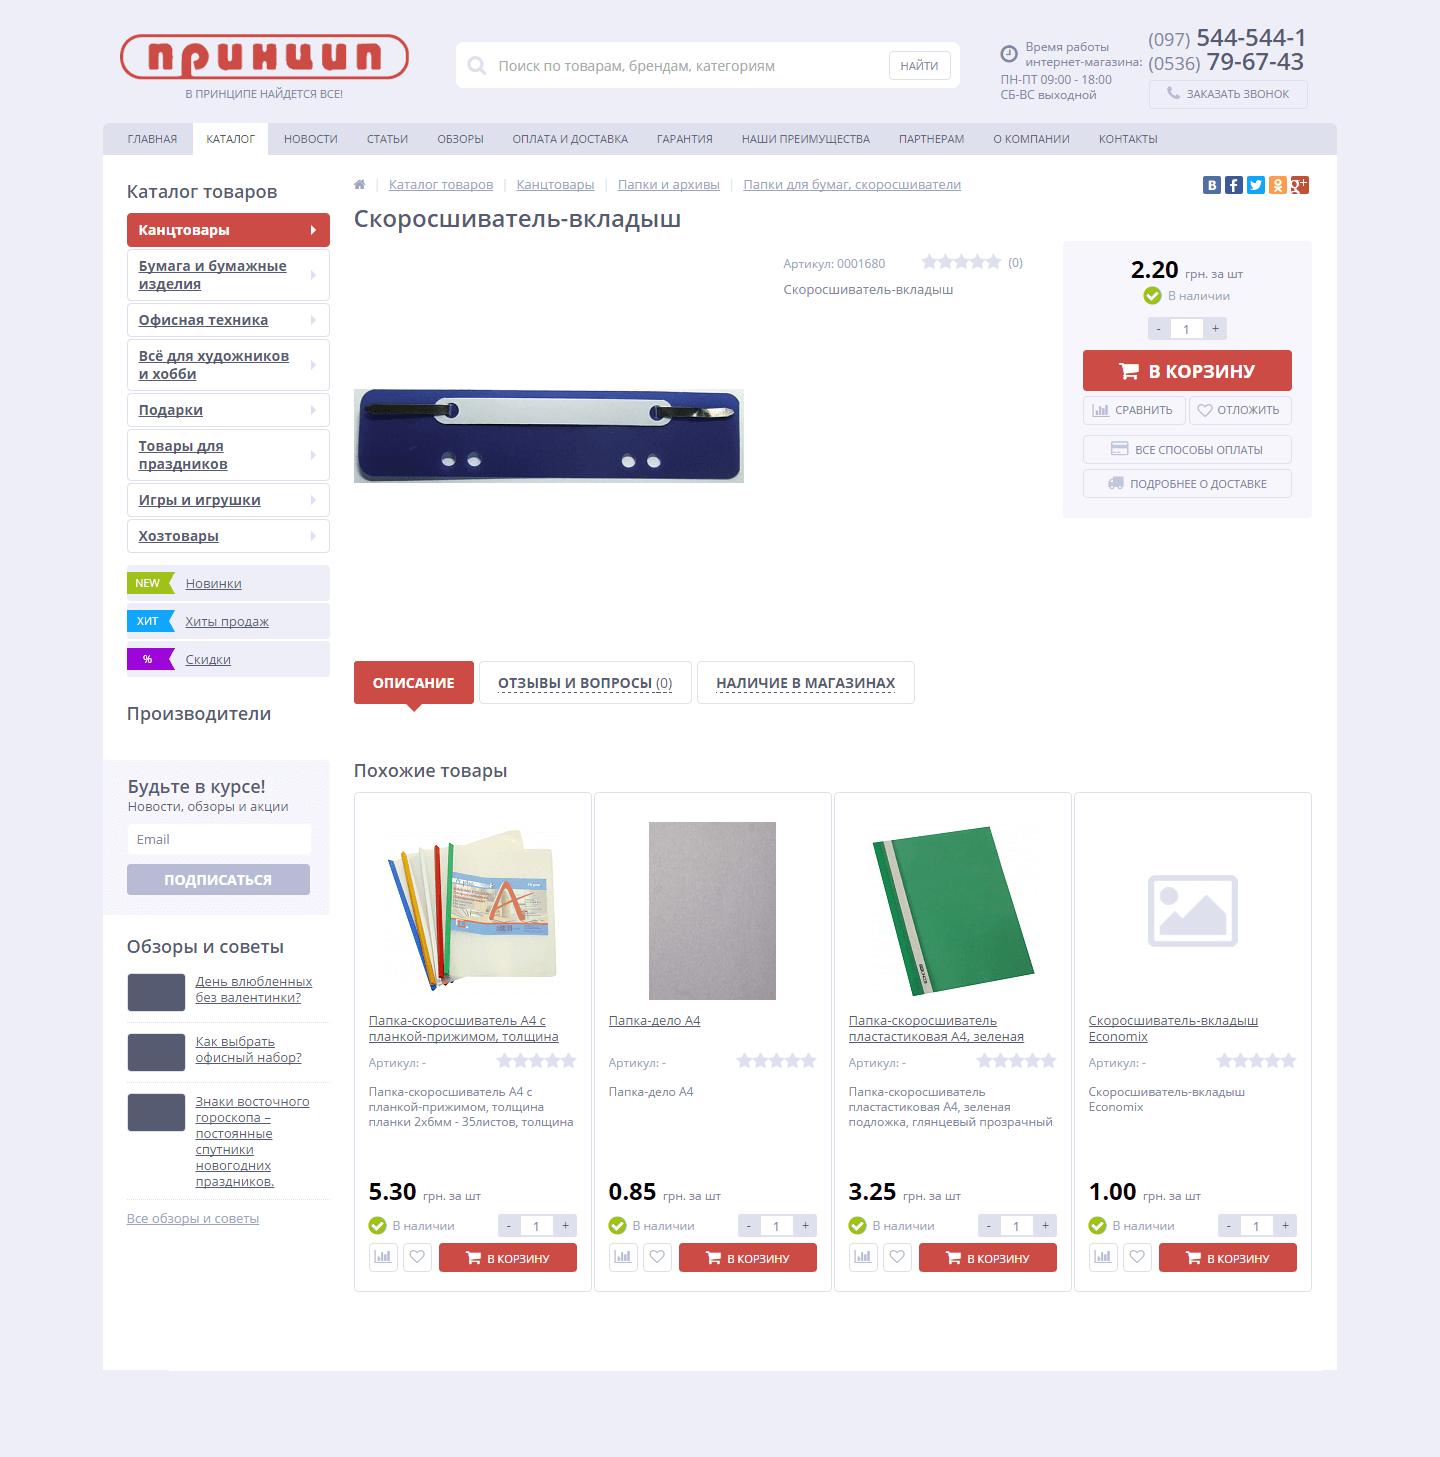 be4f734af7d2 Принцип 2.0 - интернет магазин канцелярских товаров - компания ...